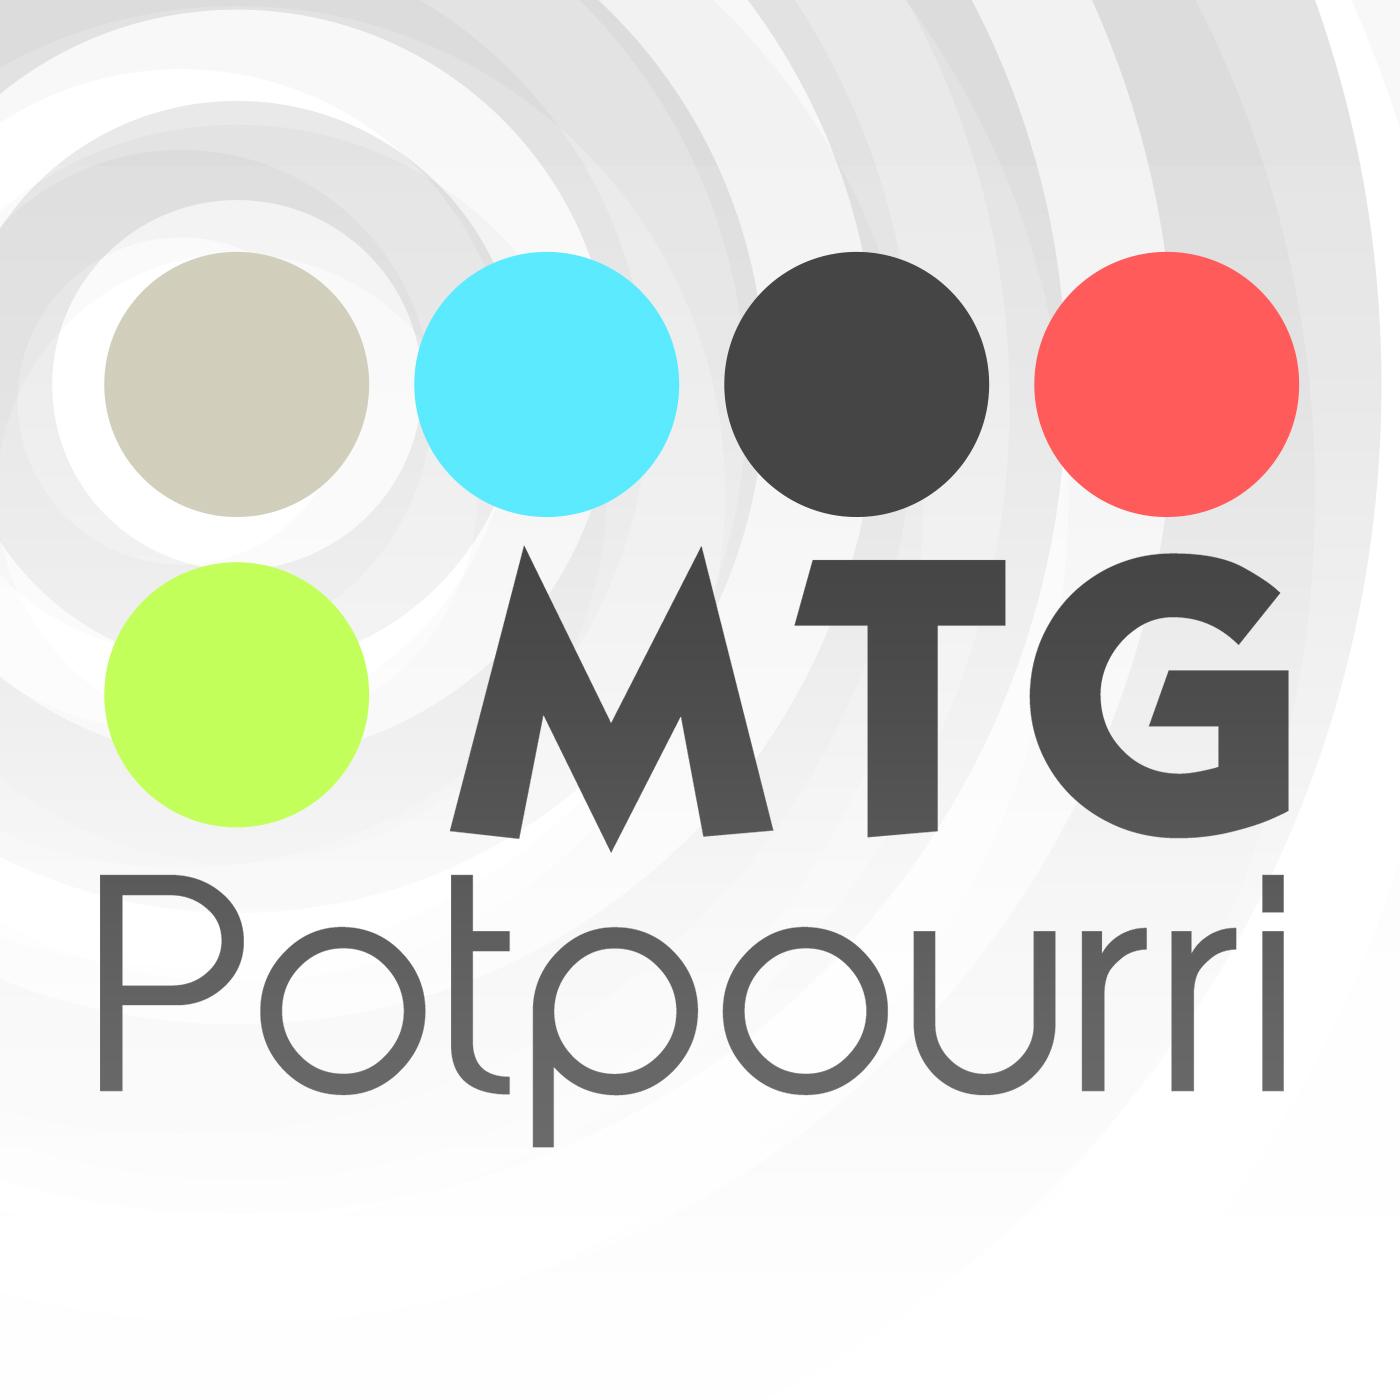 MTG Potpourri